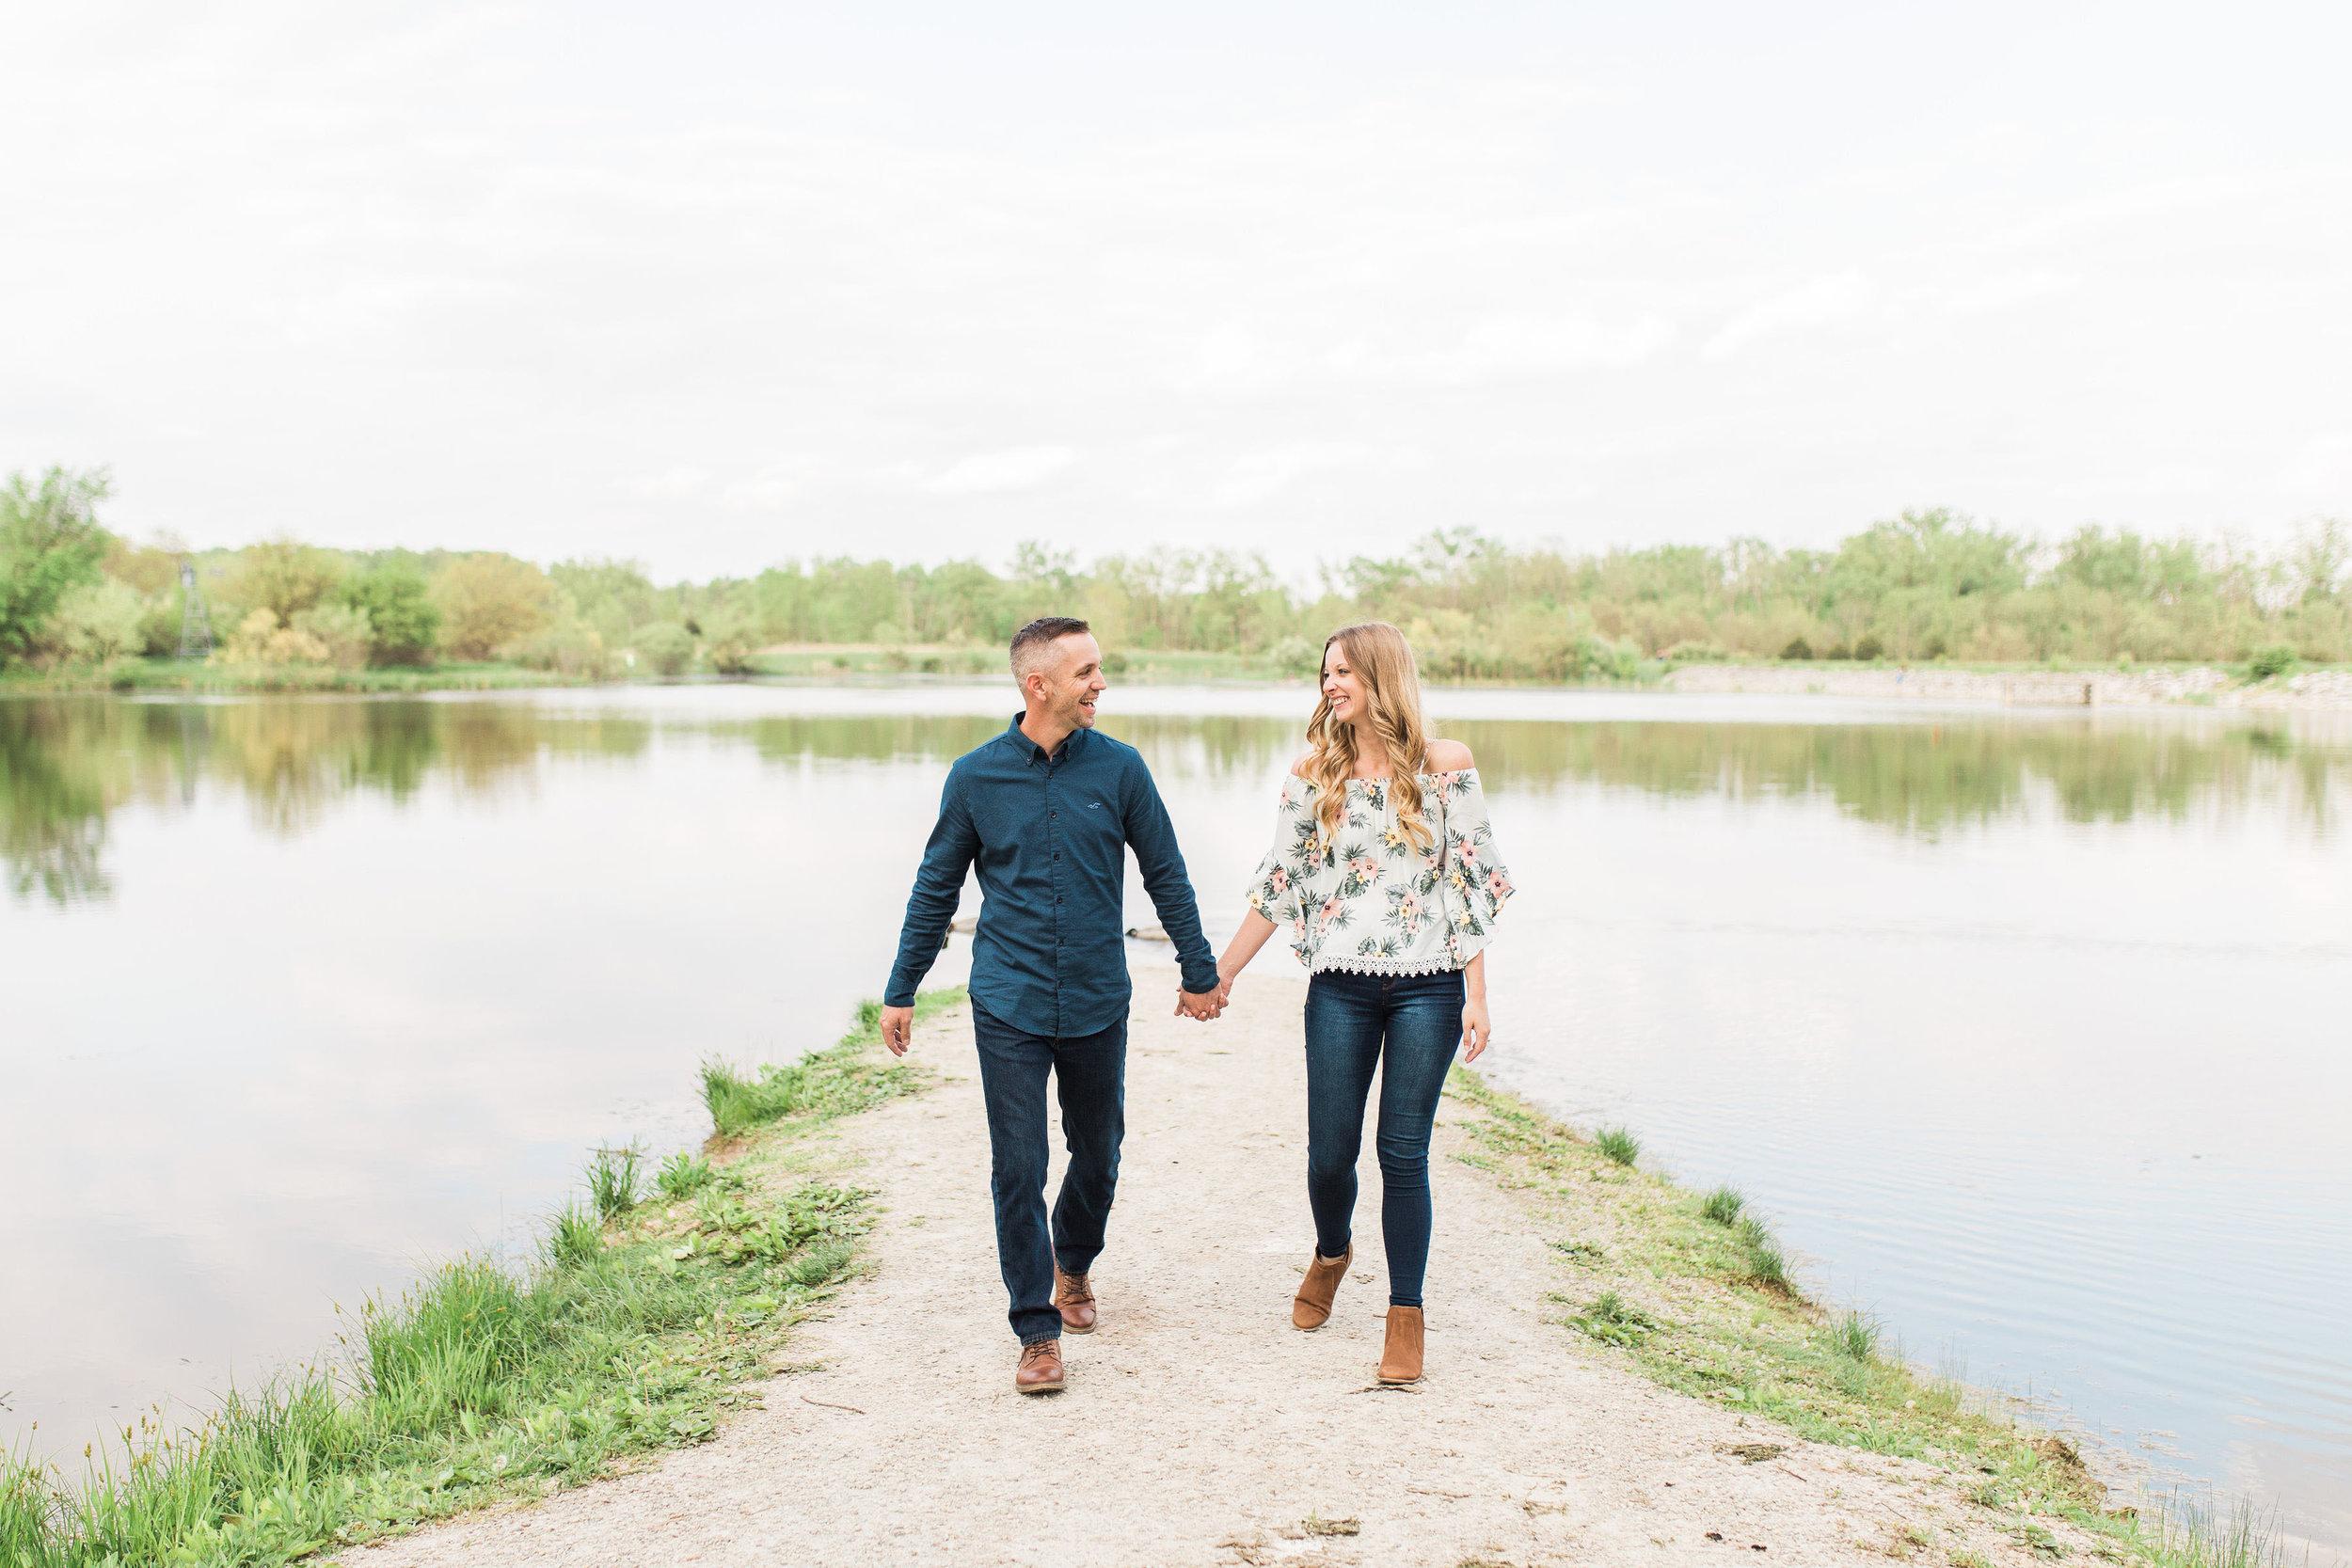 dayton ohio engagement wedding photographers-4.jpg